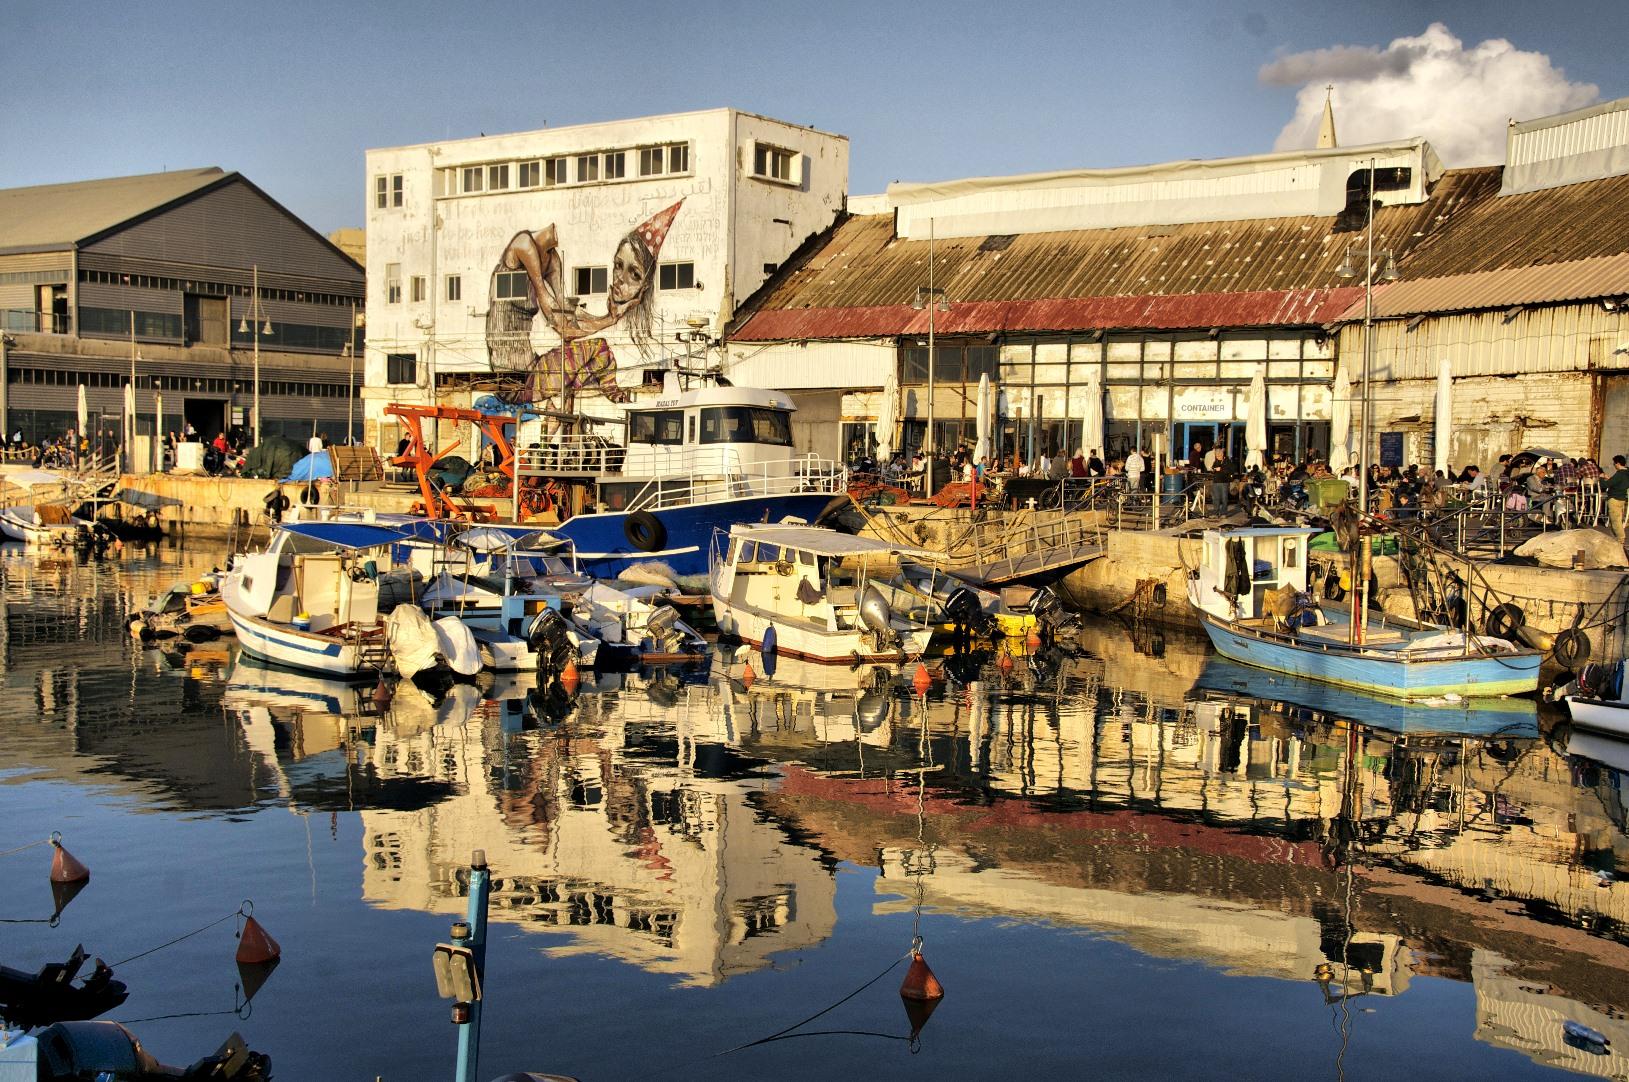 Jaffa Port photo by Yigal Dekel.